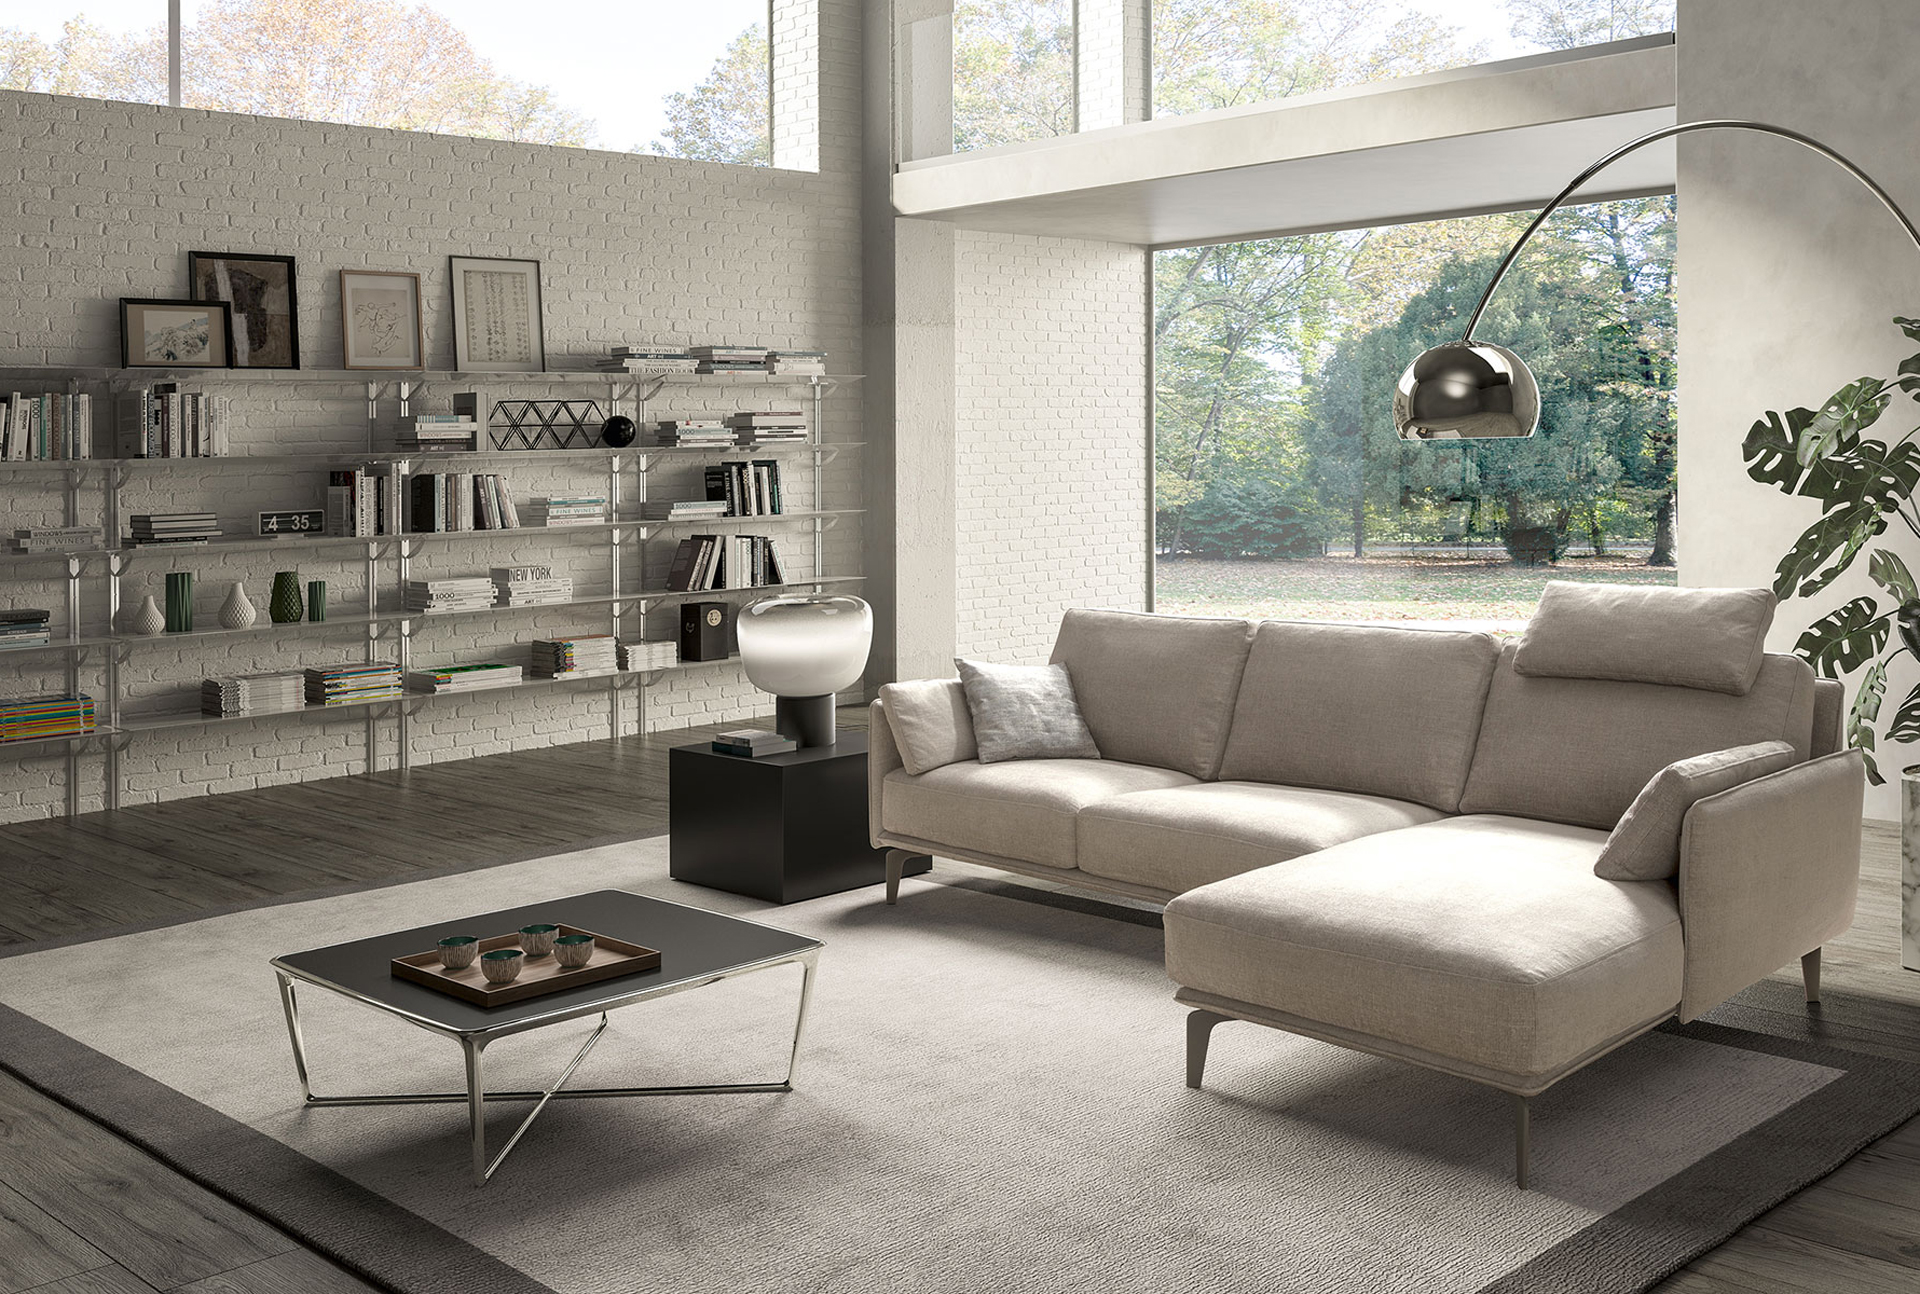 05_MTM-arreda-progettazione-su-misura-gatteo-arredamento-divani